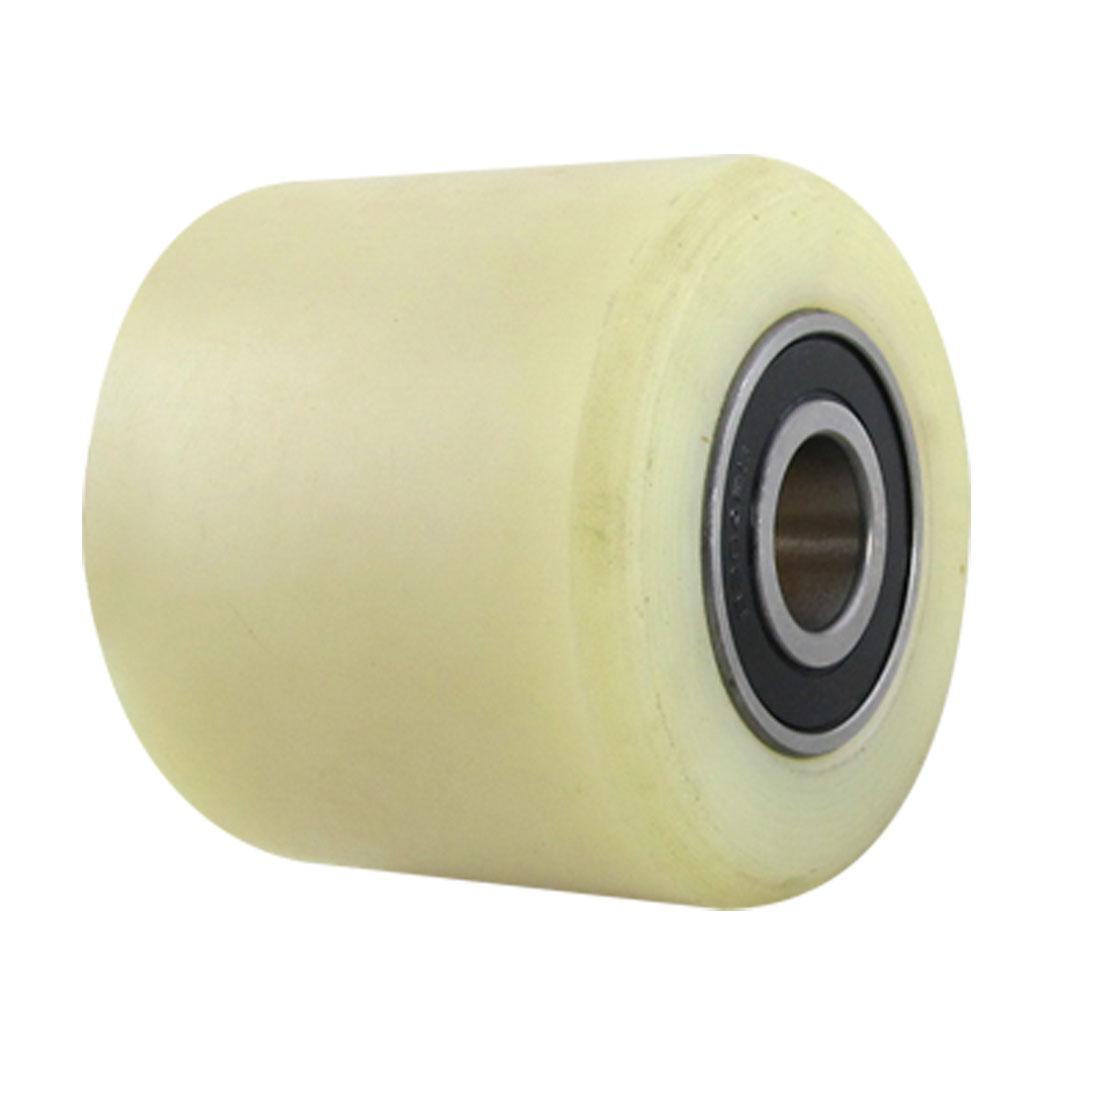 80mm Diameter 70mm Length Nylon Wheel Beige for Pallet Truck